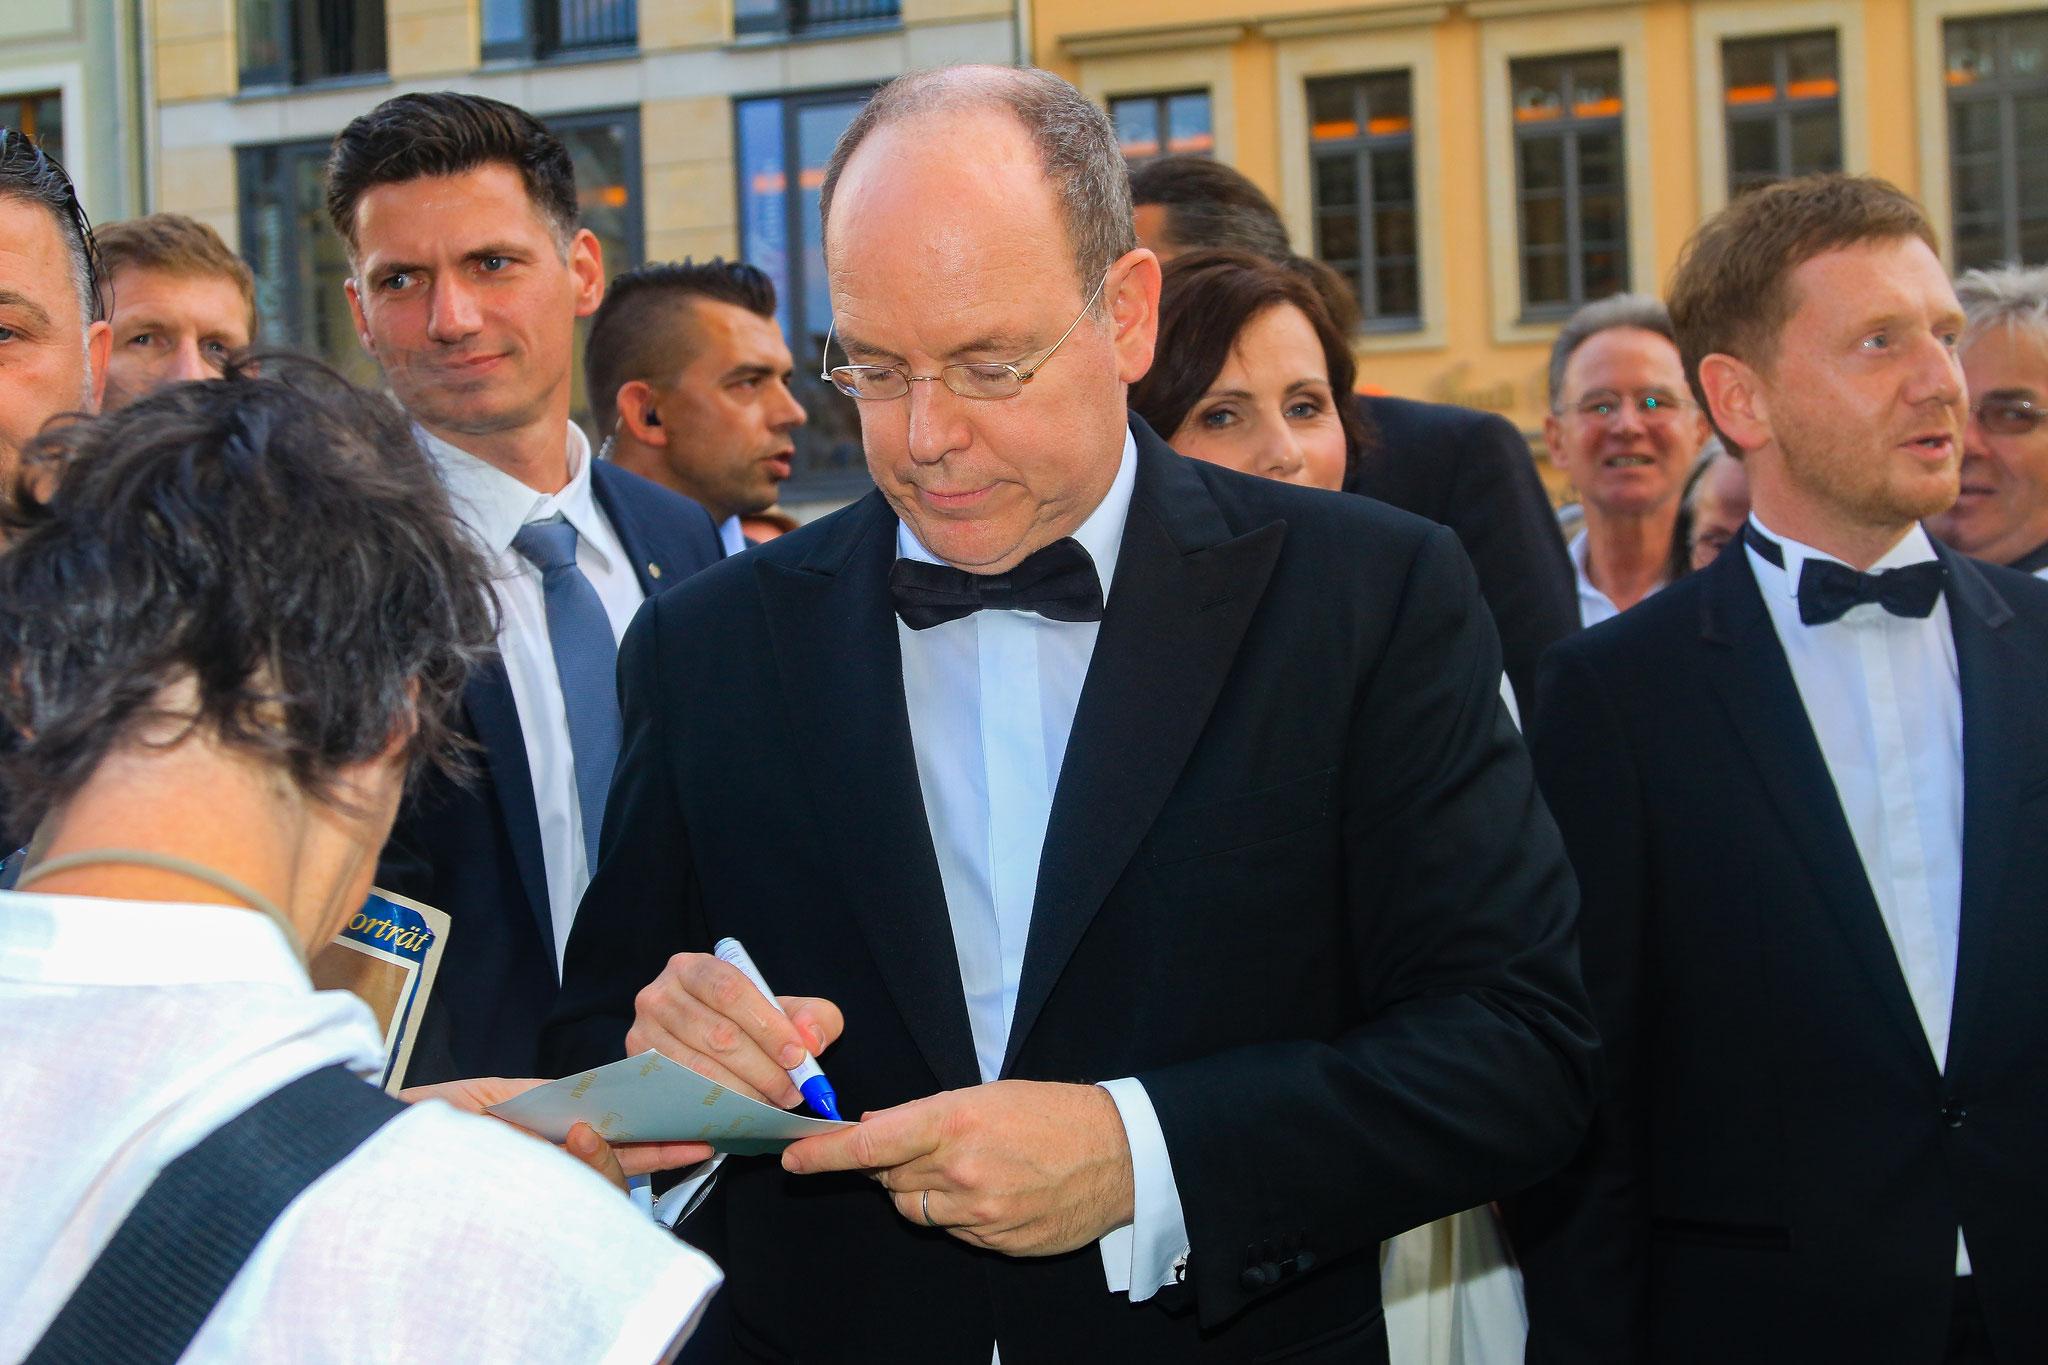 (c) Matthias Gränzdörfer